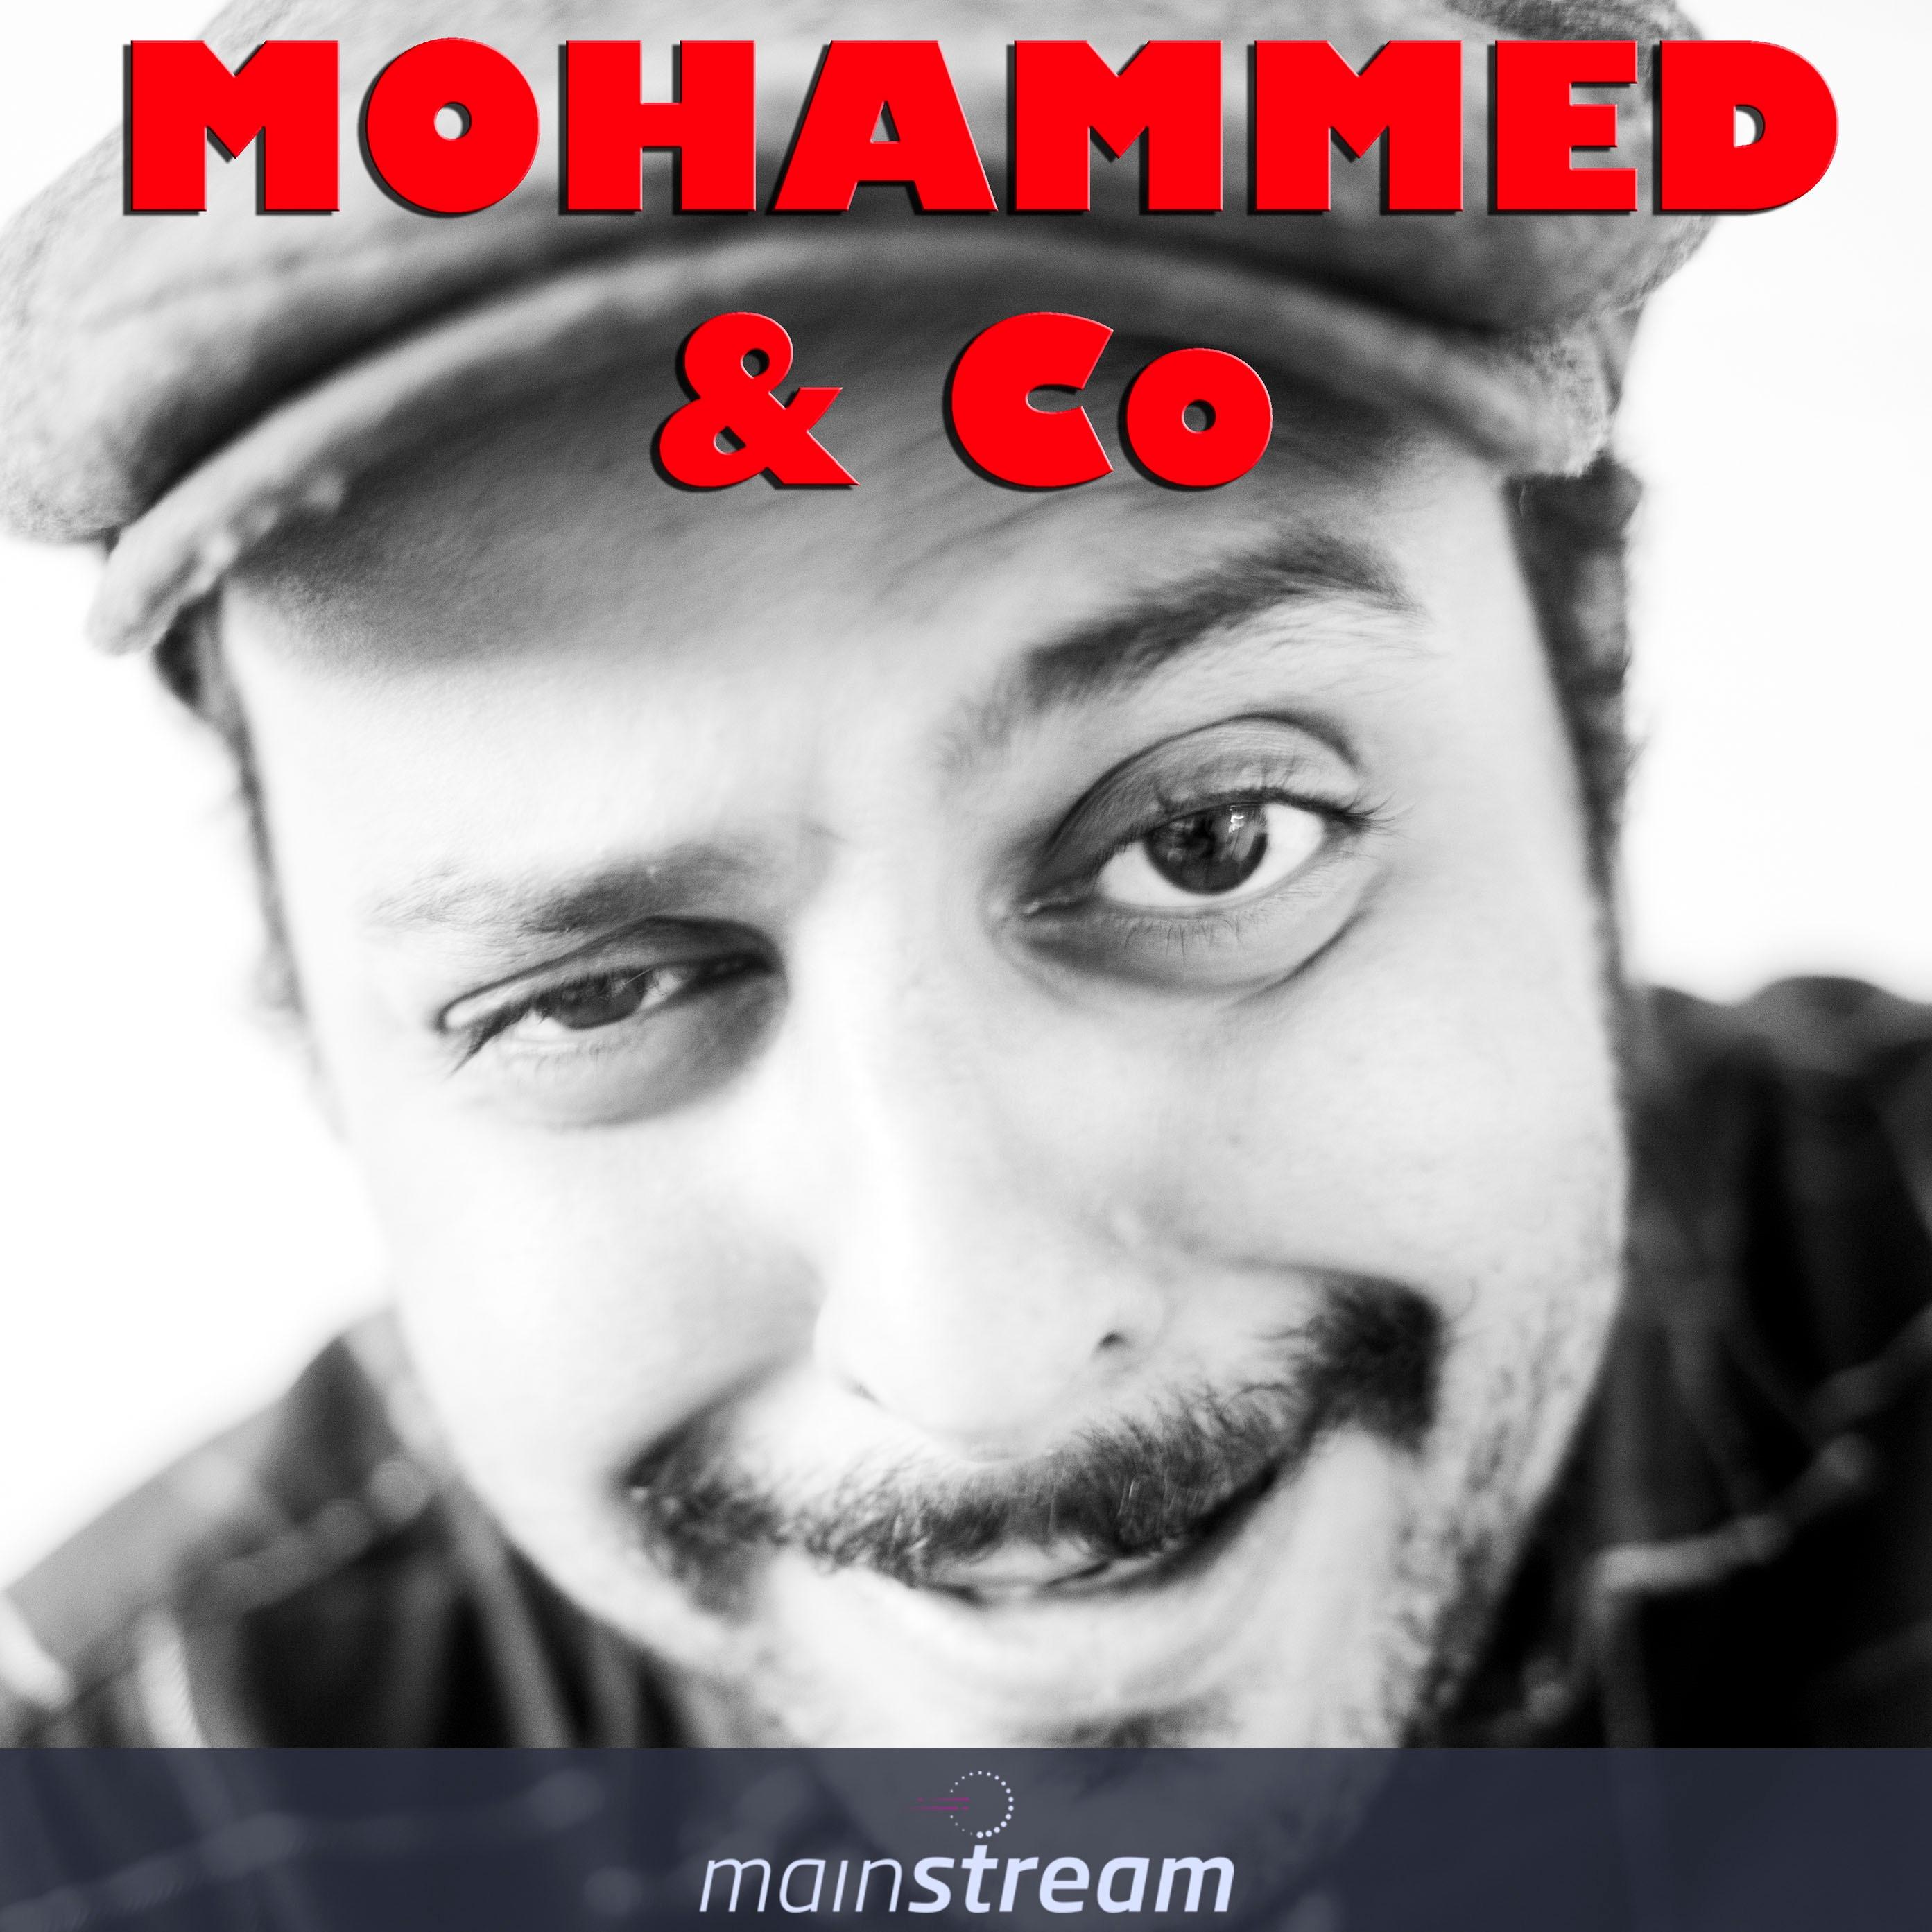 Mohammed & Co